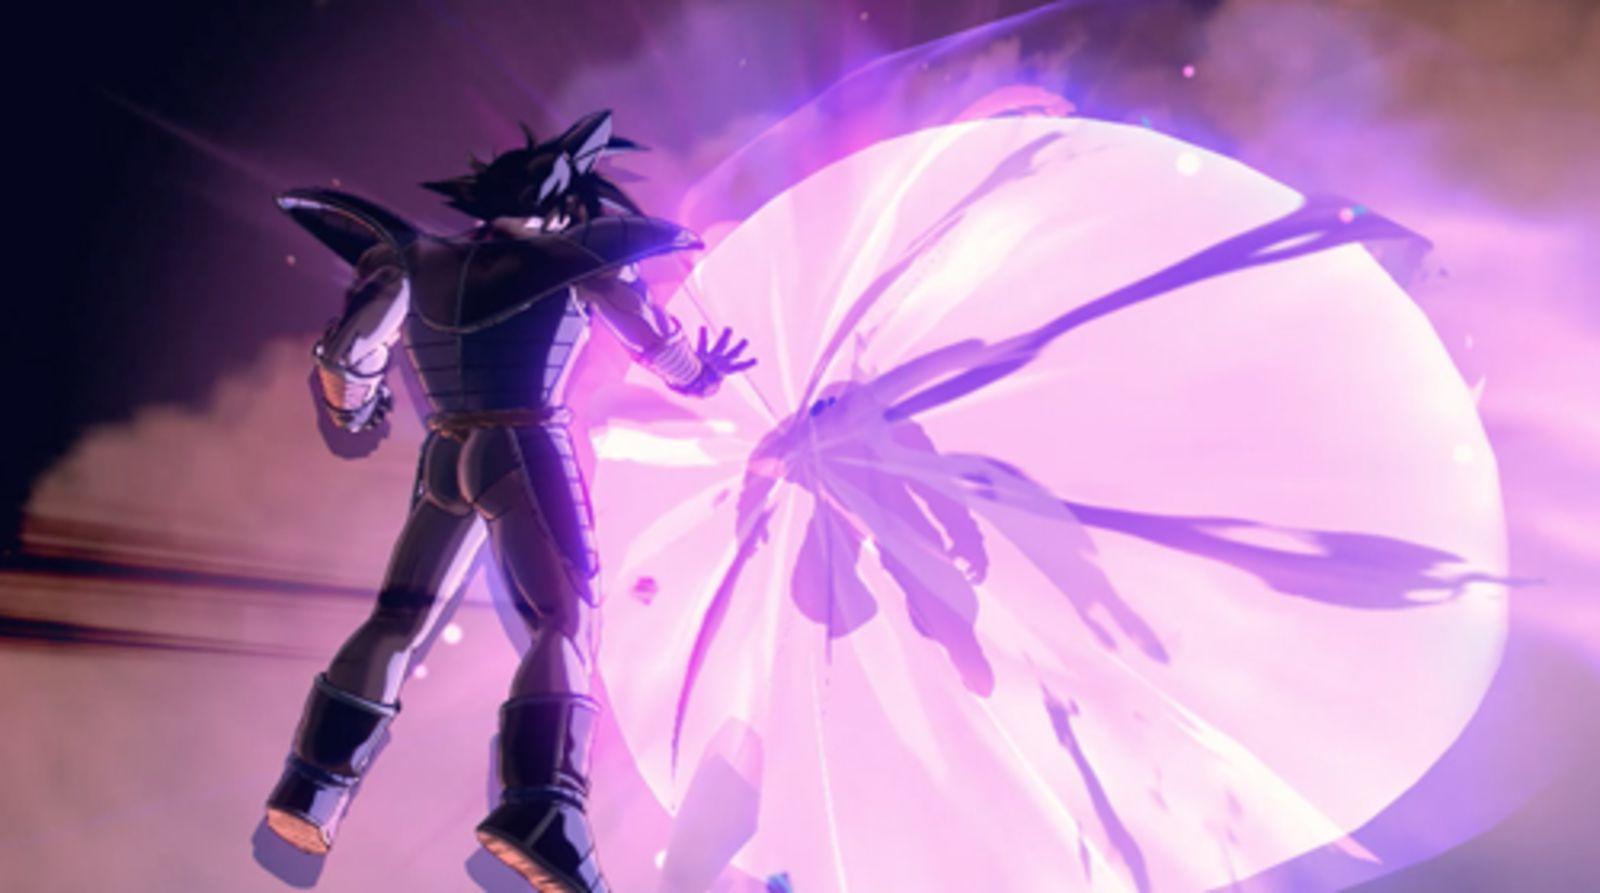 E3 2016: Dragon Ball Xenoverse 2 Preview